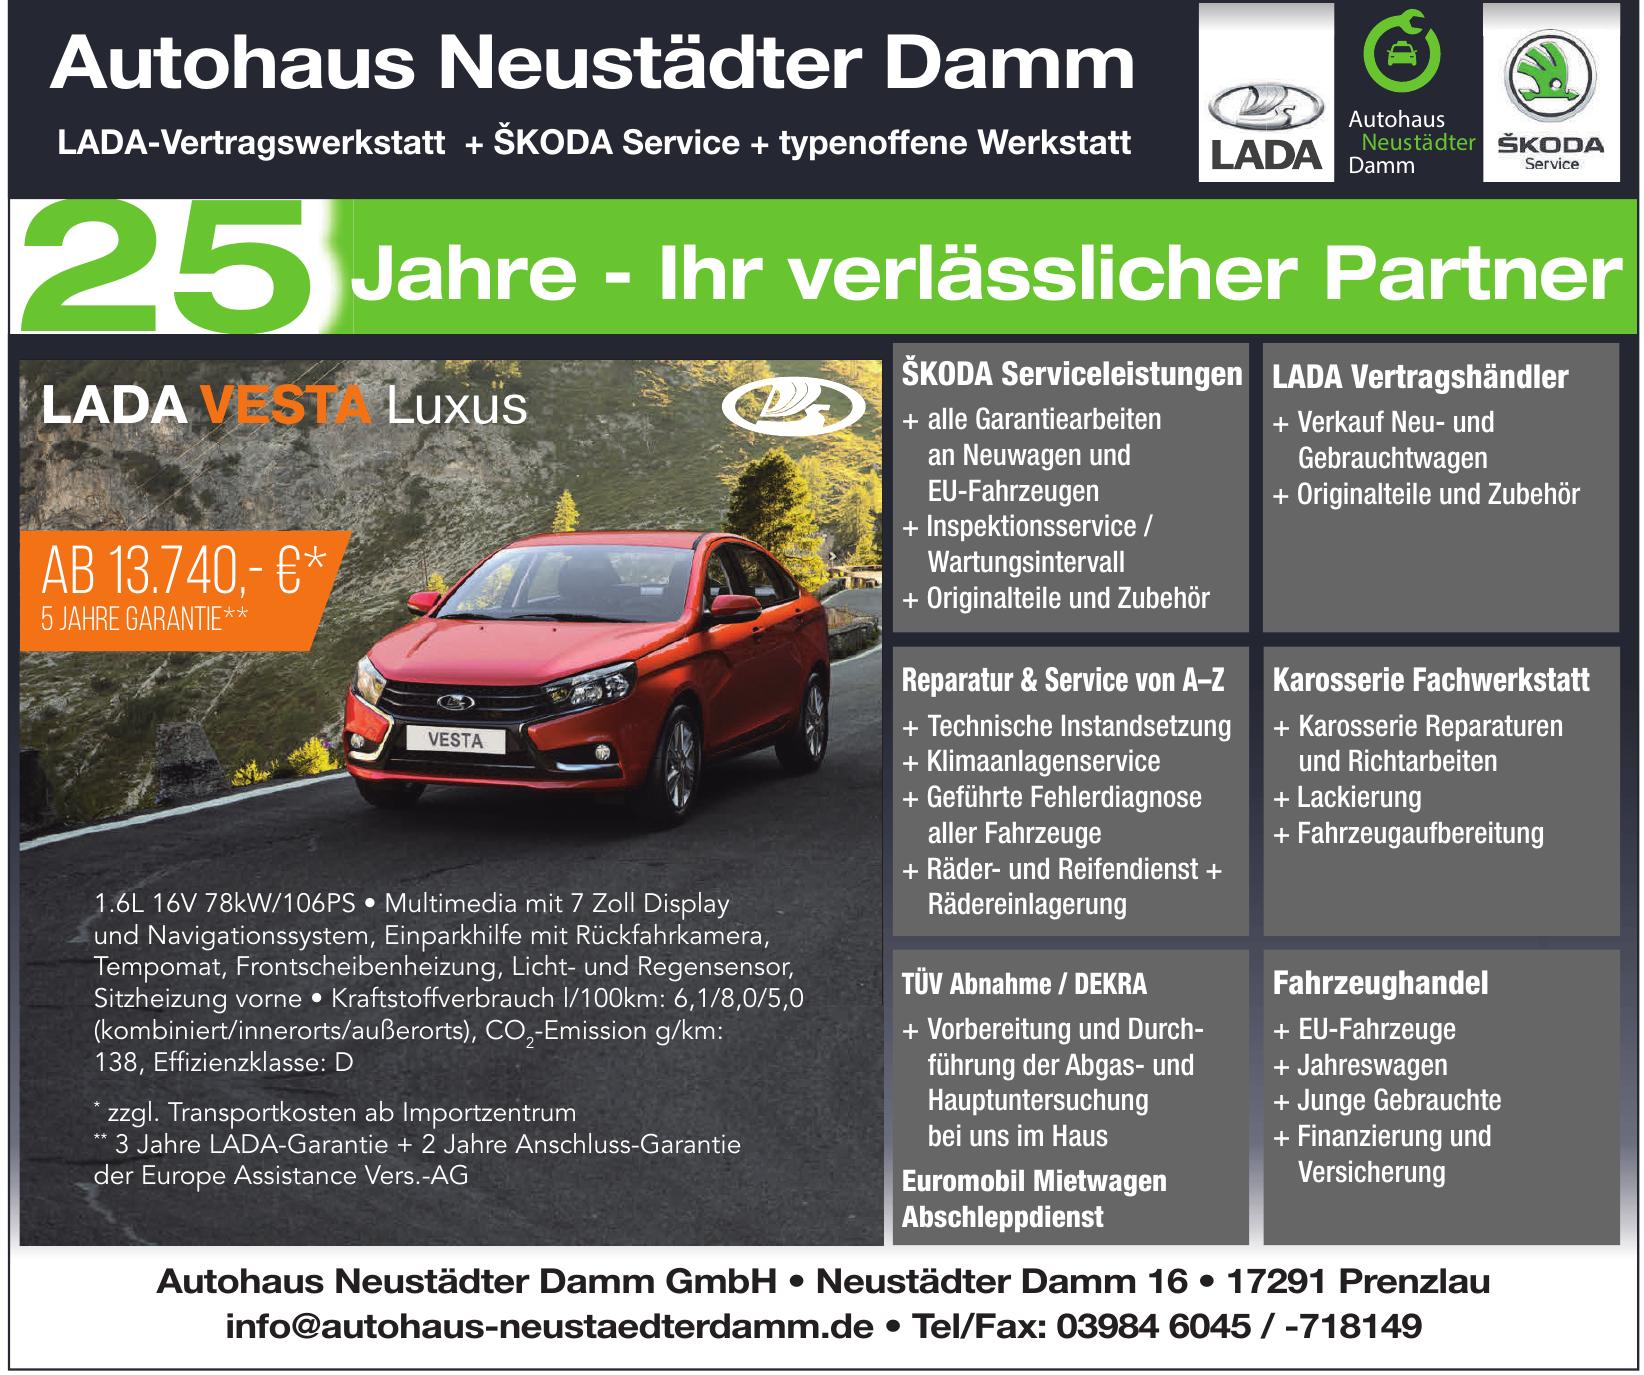 Autohaus Neustädter Damm GmbH